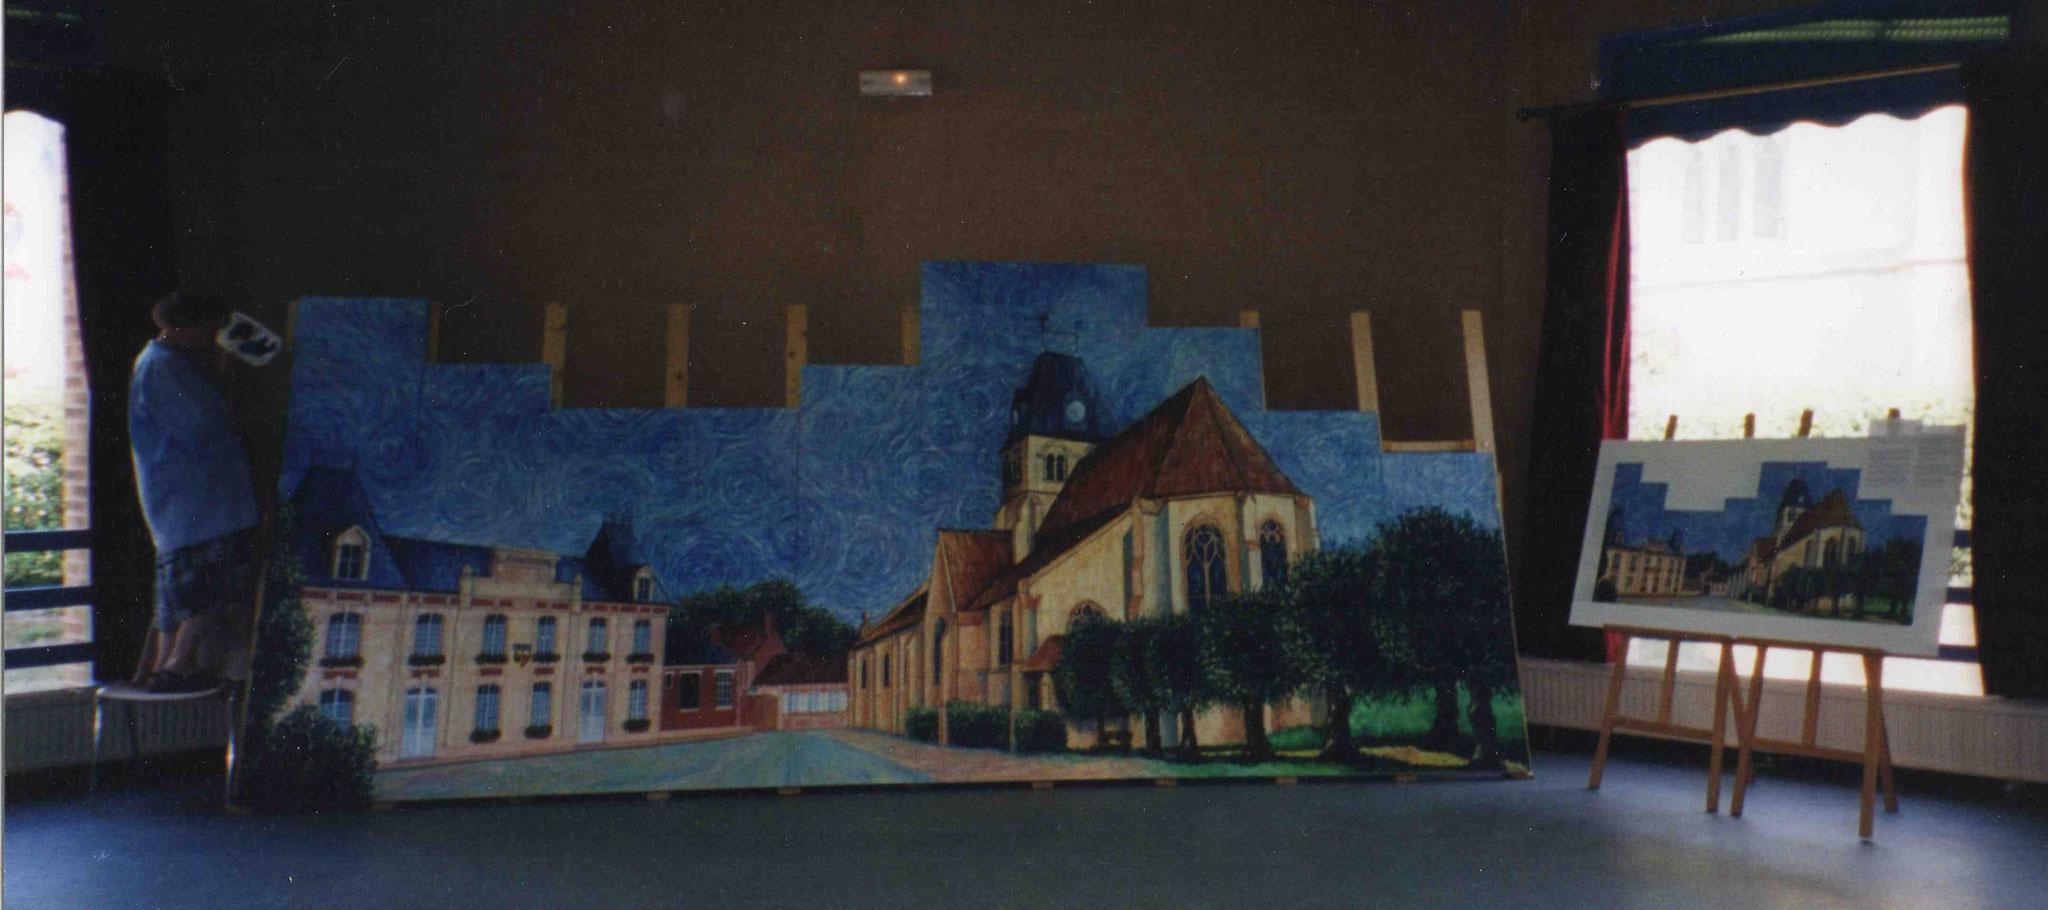 Quatrième mise en couleur avec une deuxième présentation de la fresque dans sa totalité